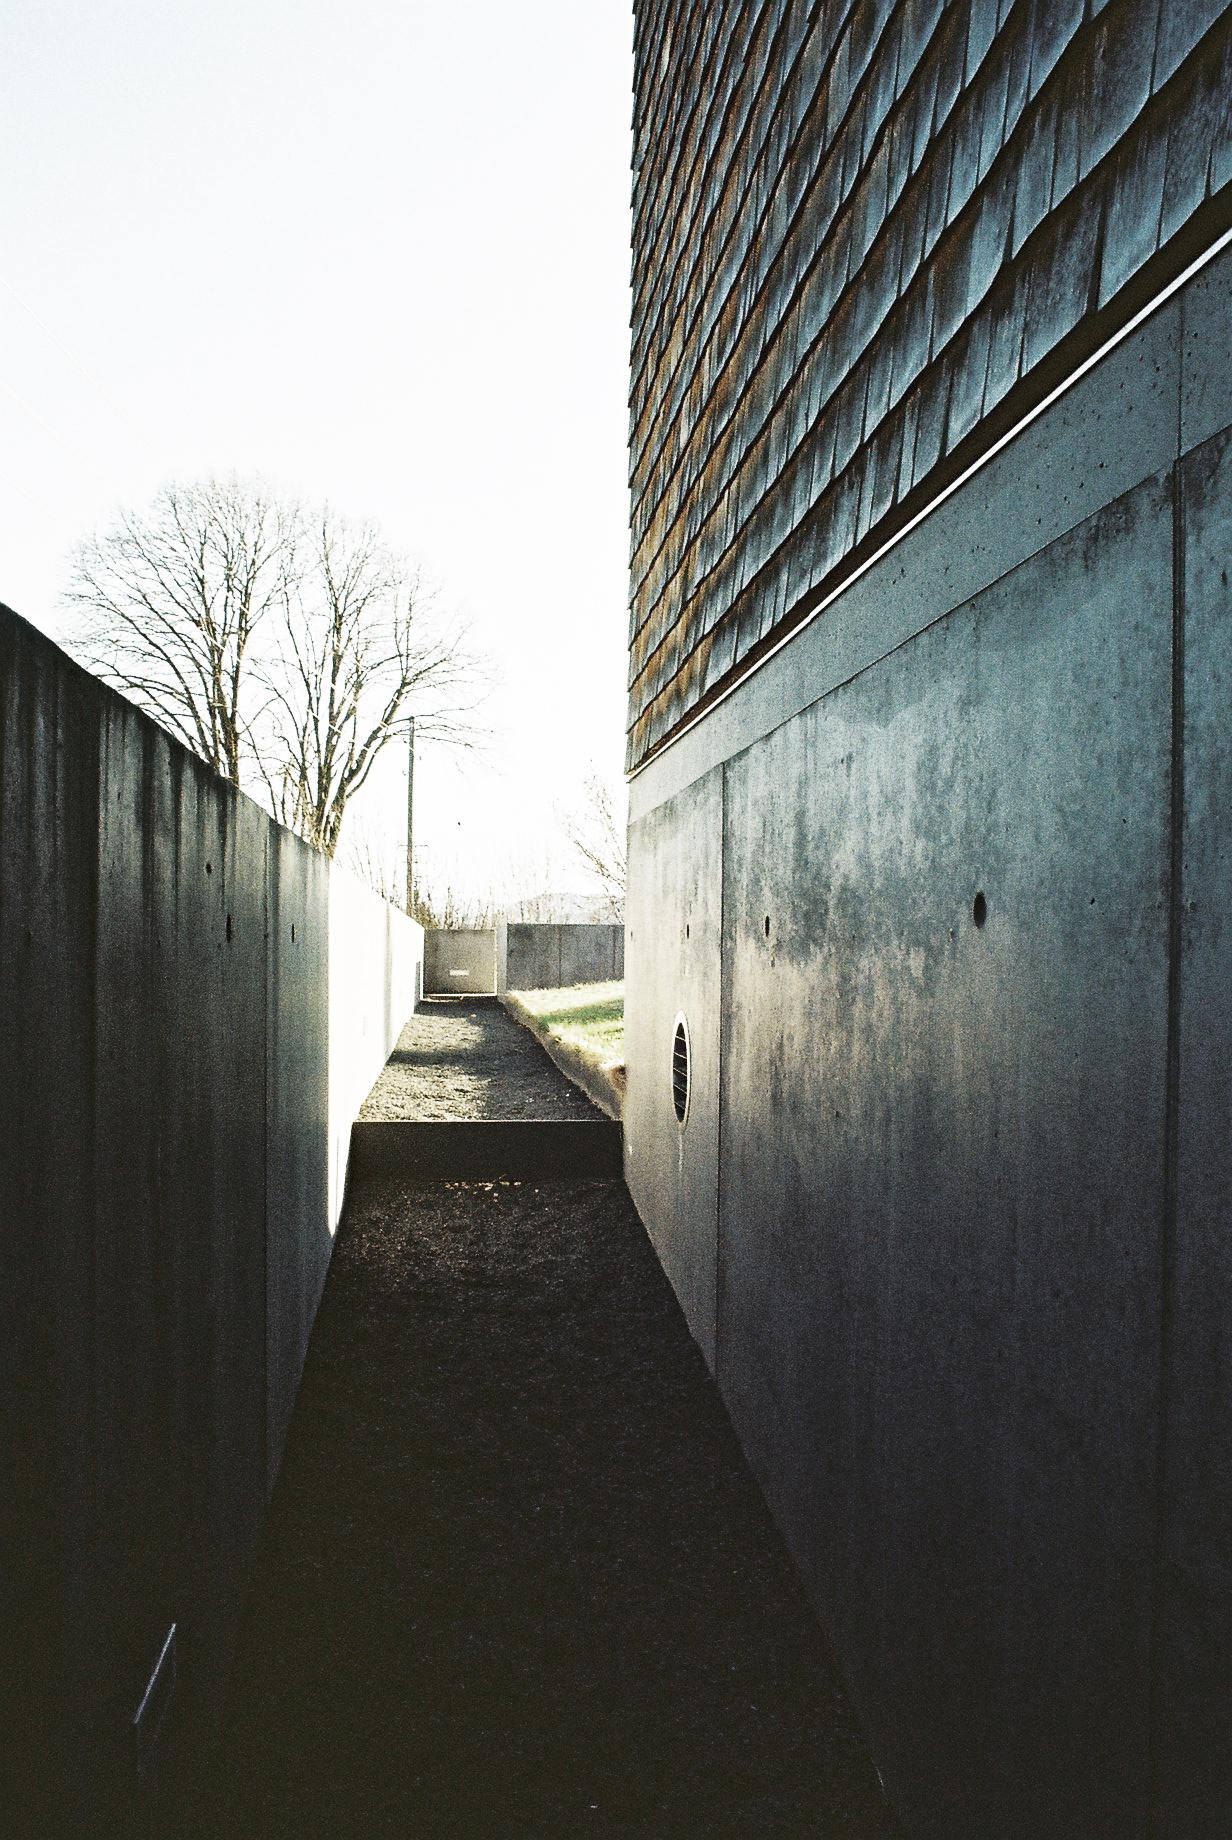 Michael-Becker-Architects-Architekten-Haus-g-02